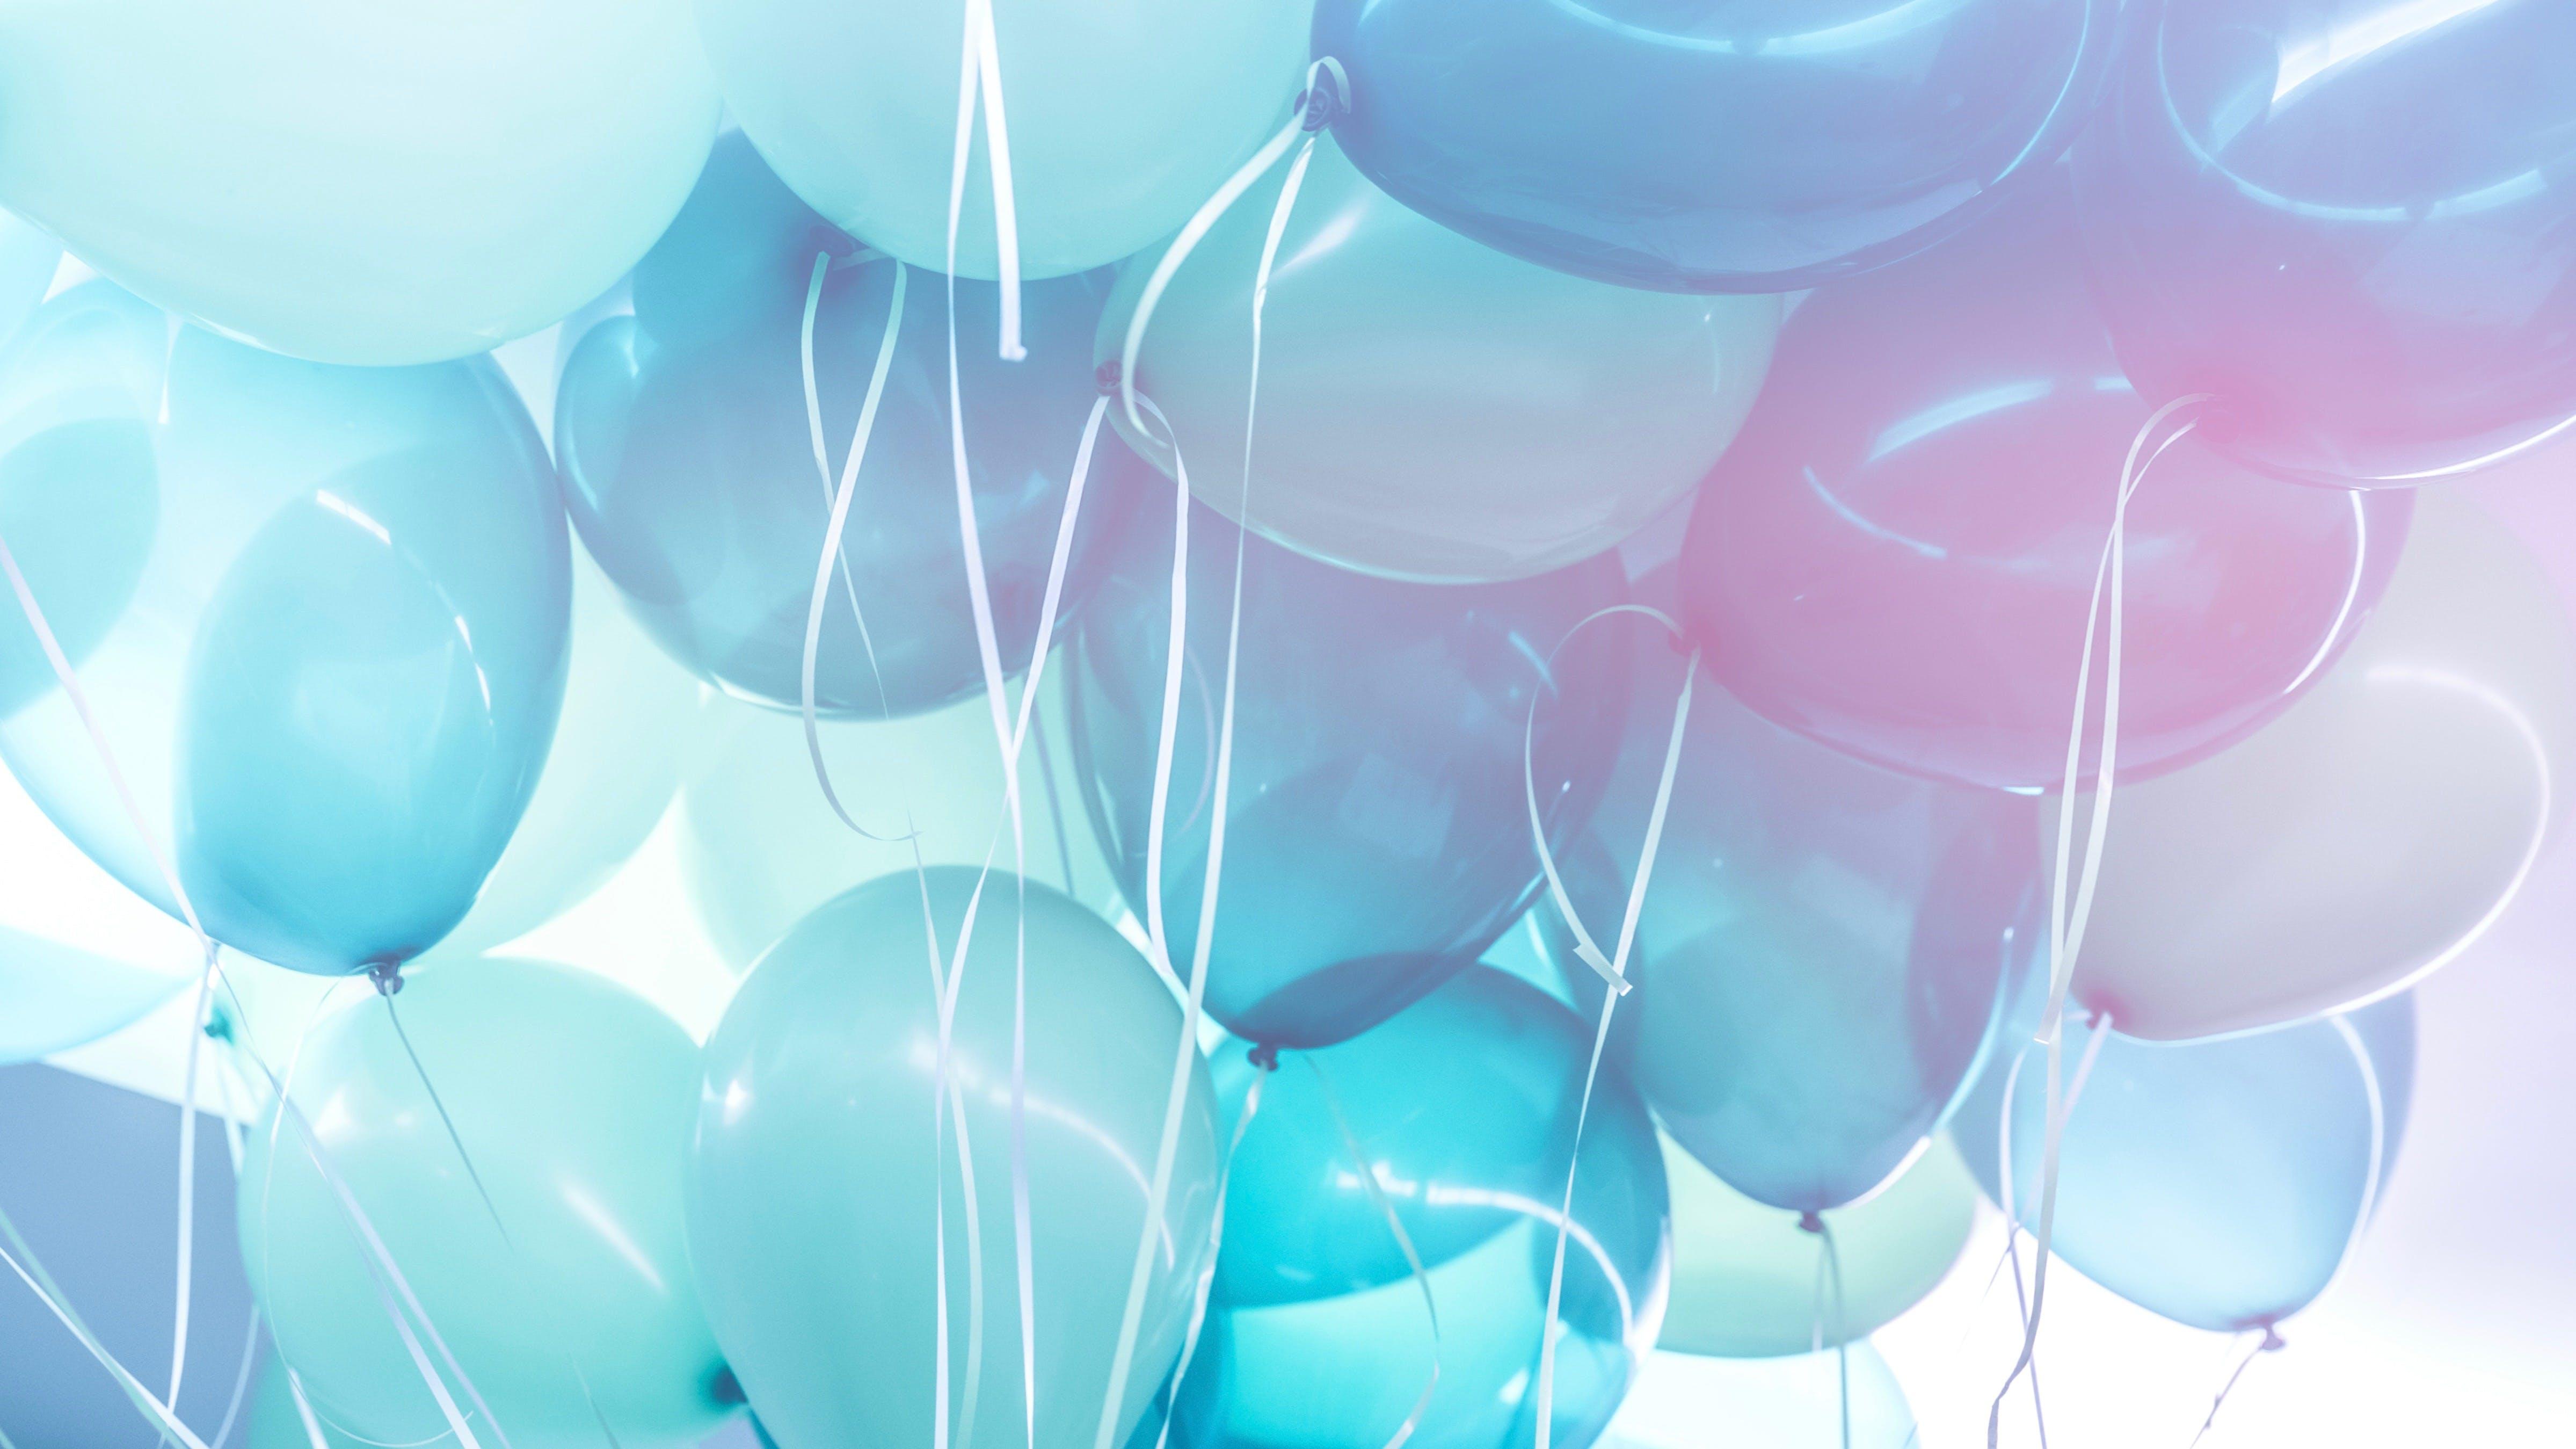 Globos azules